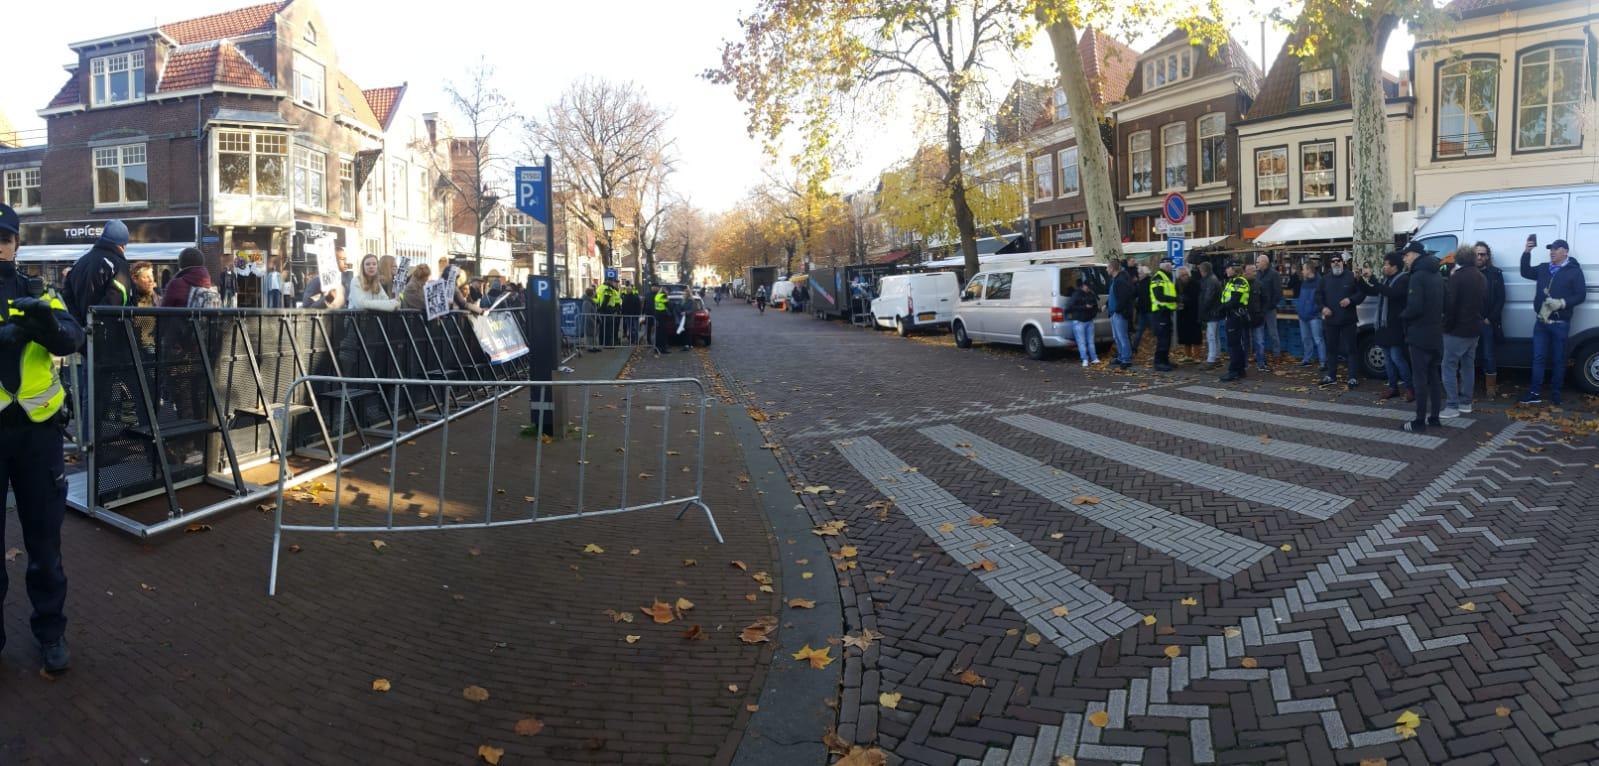 Pro-Pietendemonstratie Hoorn teruggedreven in Leliestraat [video] [fotoserie]